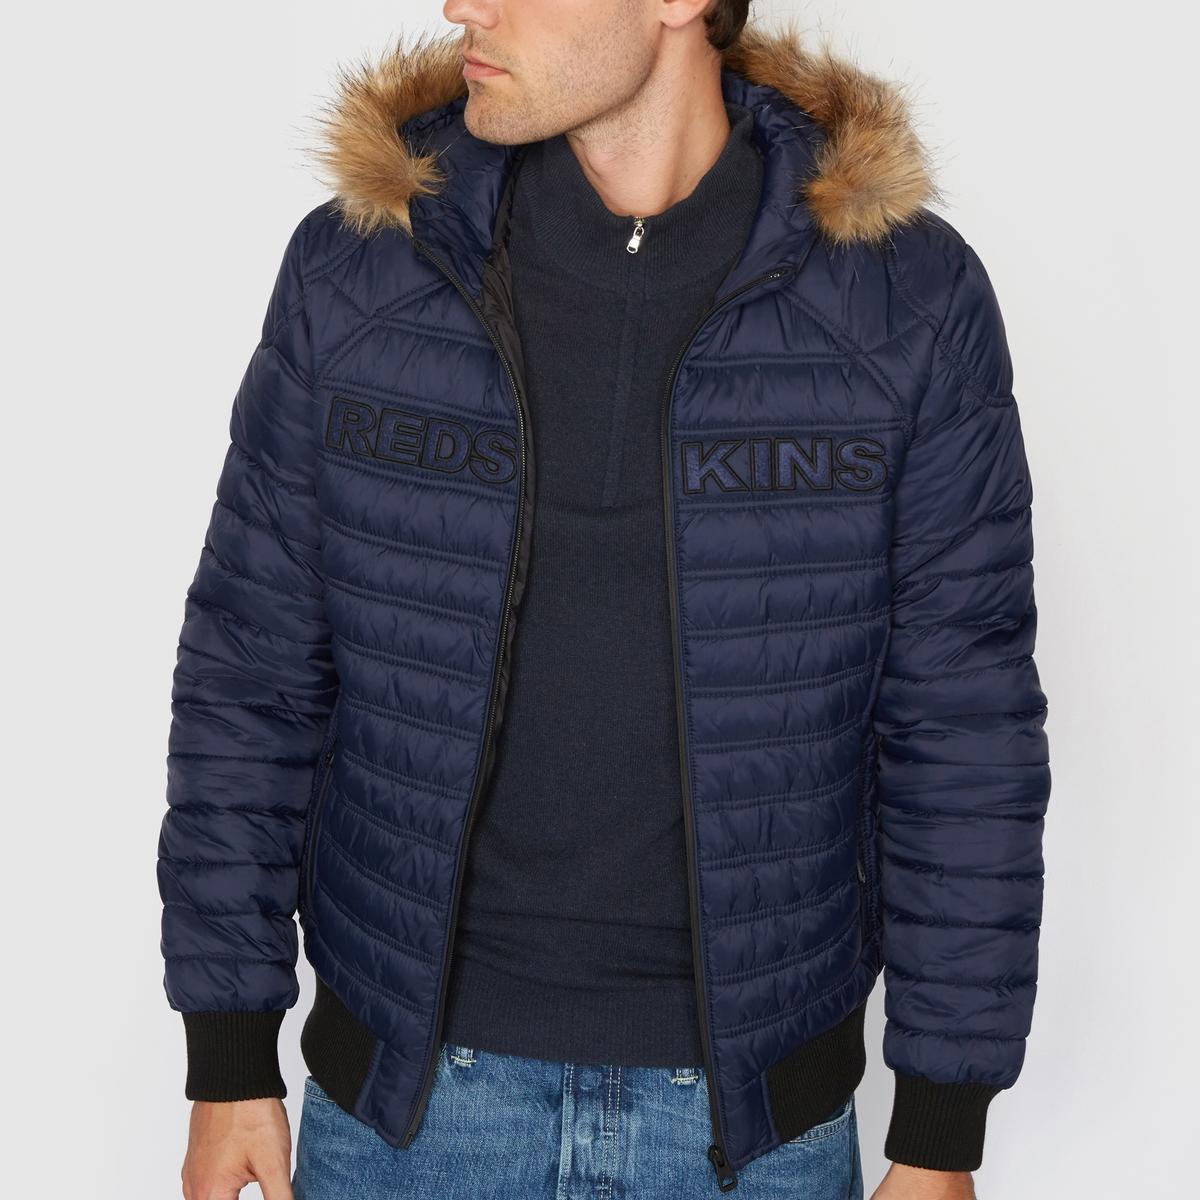 Стеганая куртка с капюшономСтеганая куртка с капюшоном с искусственным мехом DRICK от REDSKINS.Стильная куртка со съемным капюшоном, отороченным искусственным мехом: легкая и теплая куртка... Redskins !  Материал : 100% Нейлона Марка : RedskinsЗастежка на молнию.Съемный капюшон. Искусственный мех .<br><br>Цвет: темно-синий<br>Размер: L